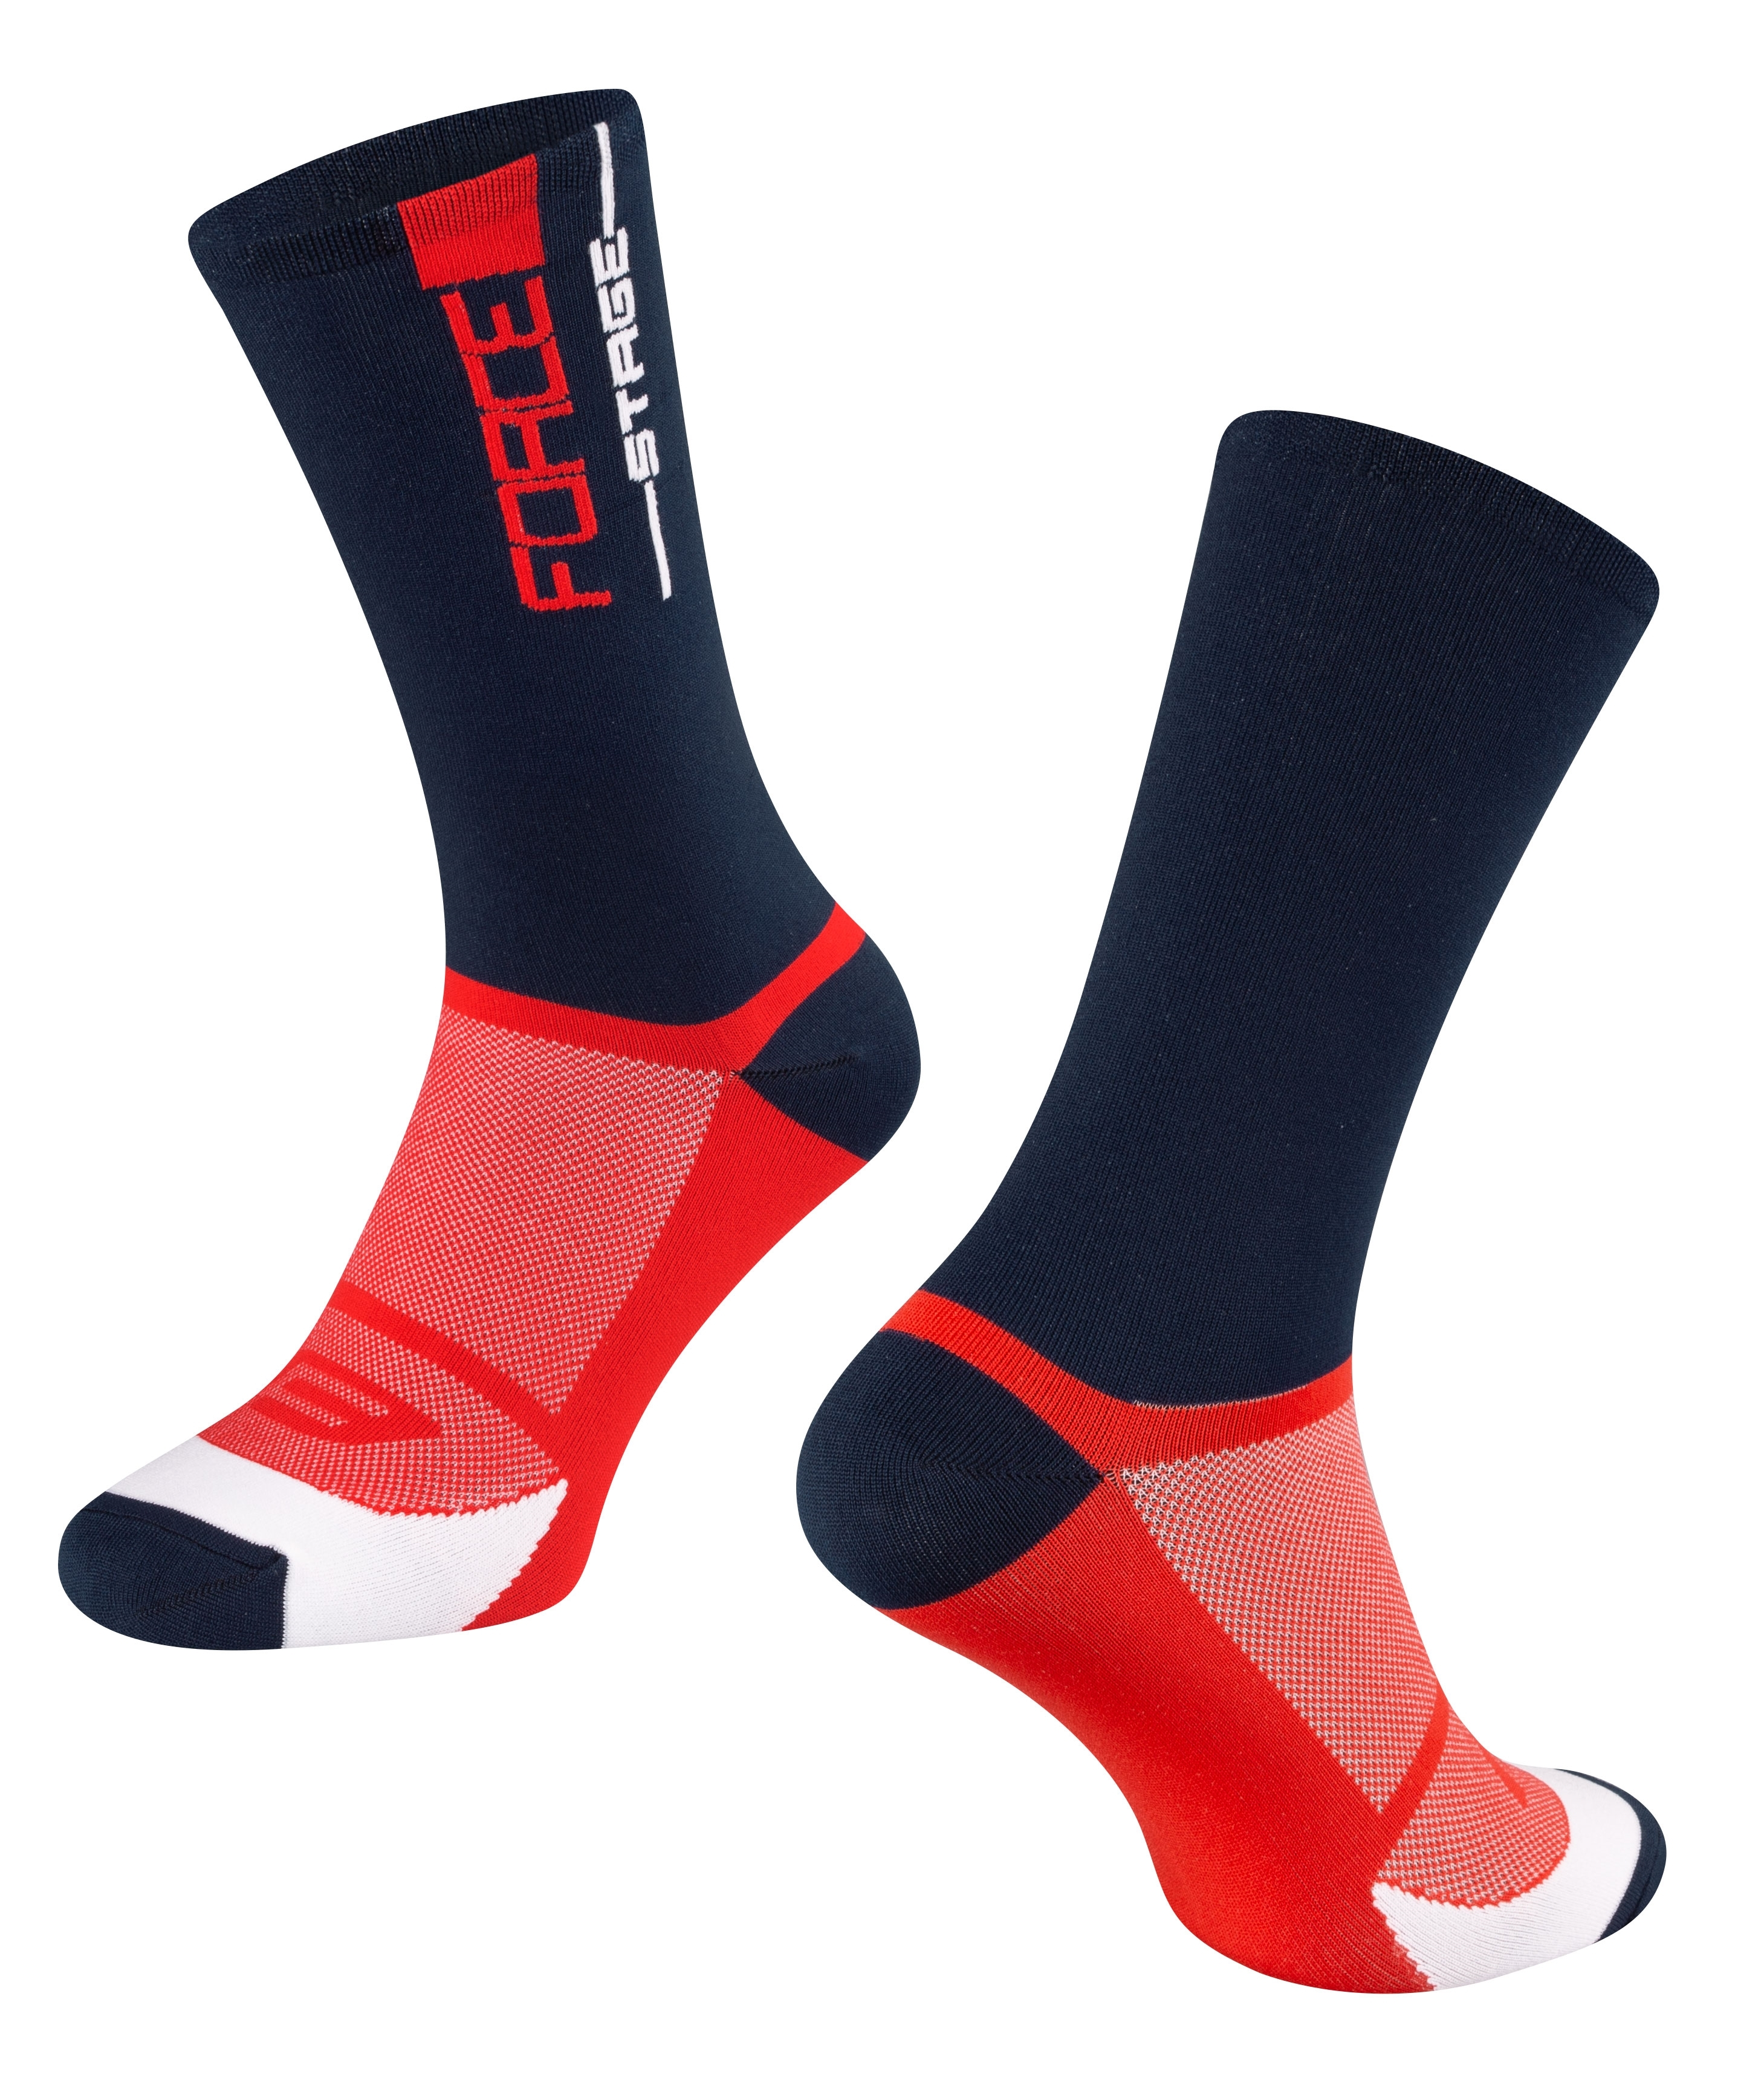 ponožky FORCE STAGE, modro-červené S-M/36-41